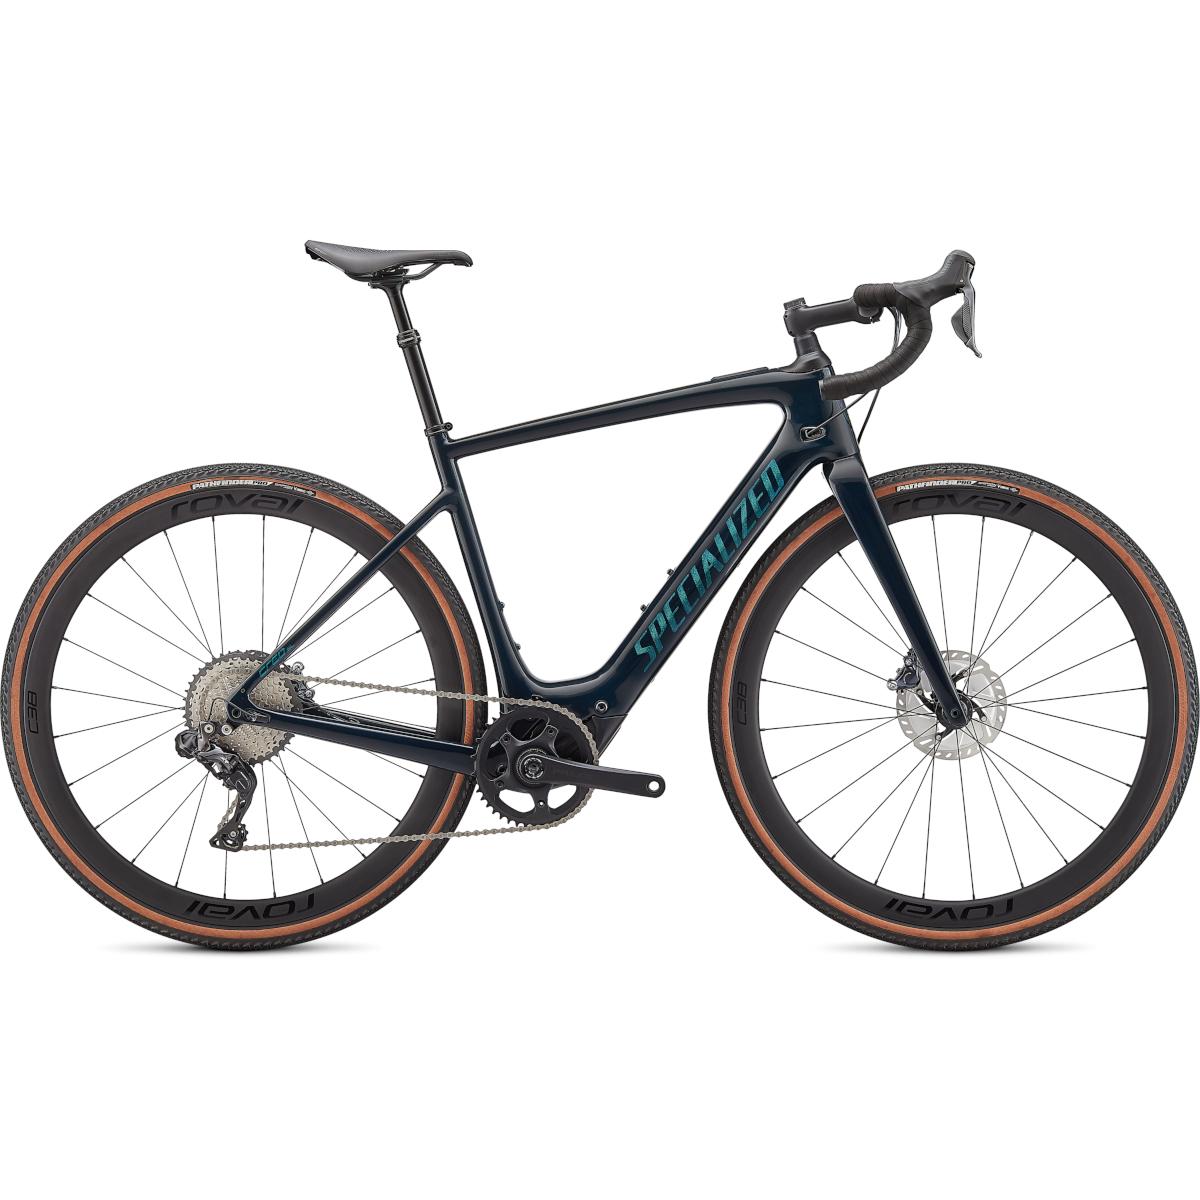 Produktbild von Specialized TURBO CREO SL EXPERT EVO - Carbon Gravel E-Bike - 2021 - forest green / chameleon